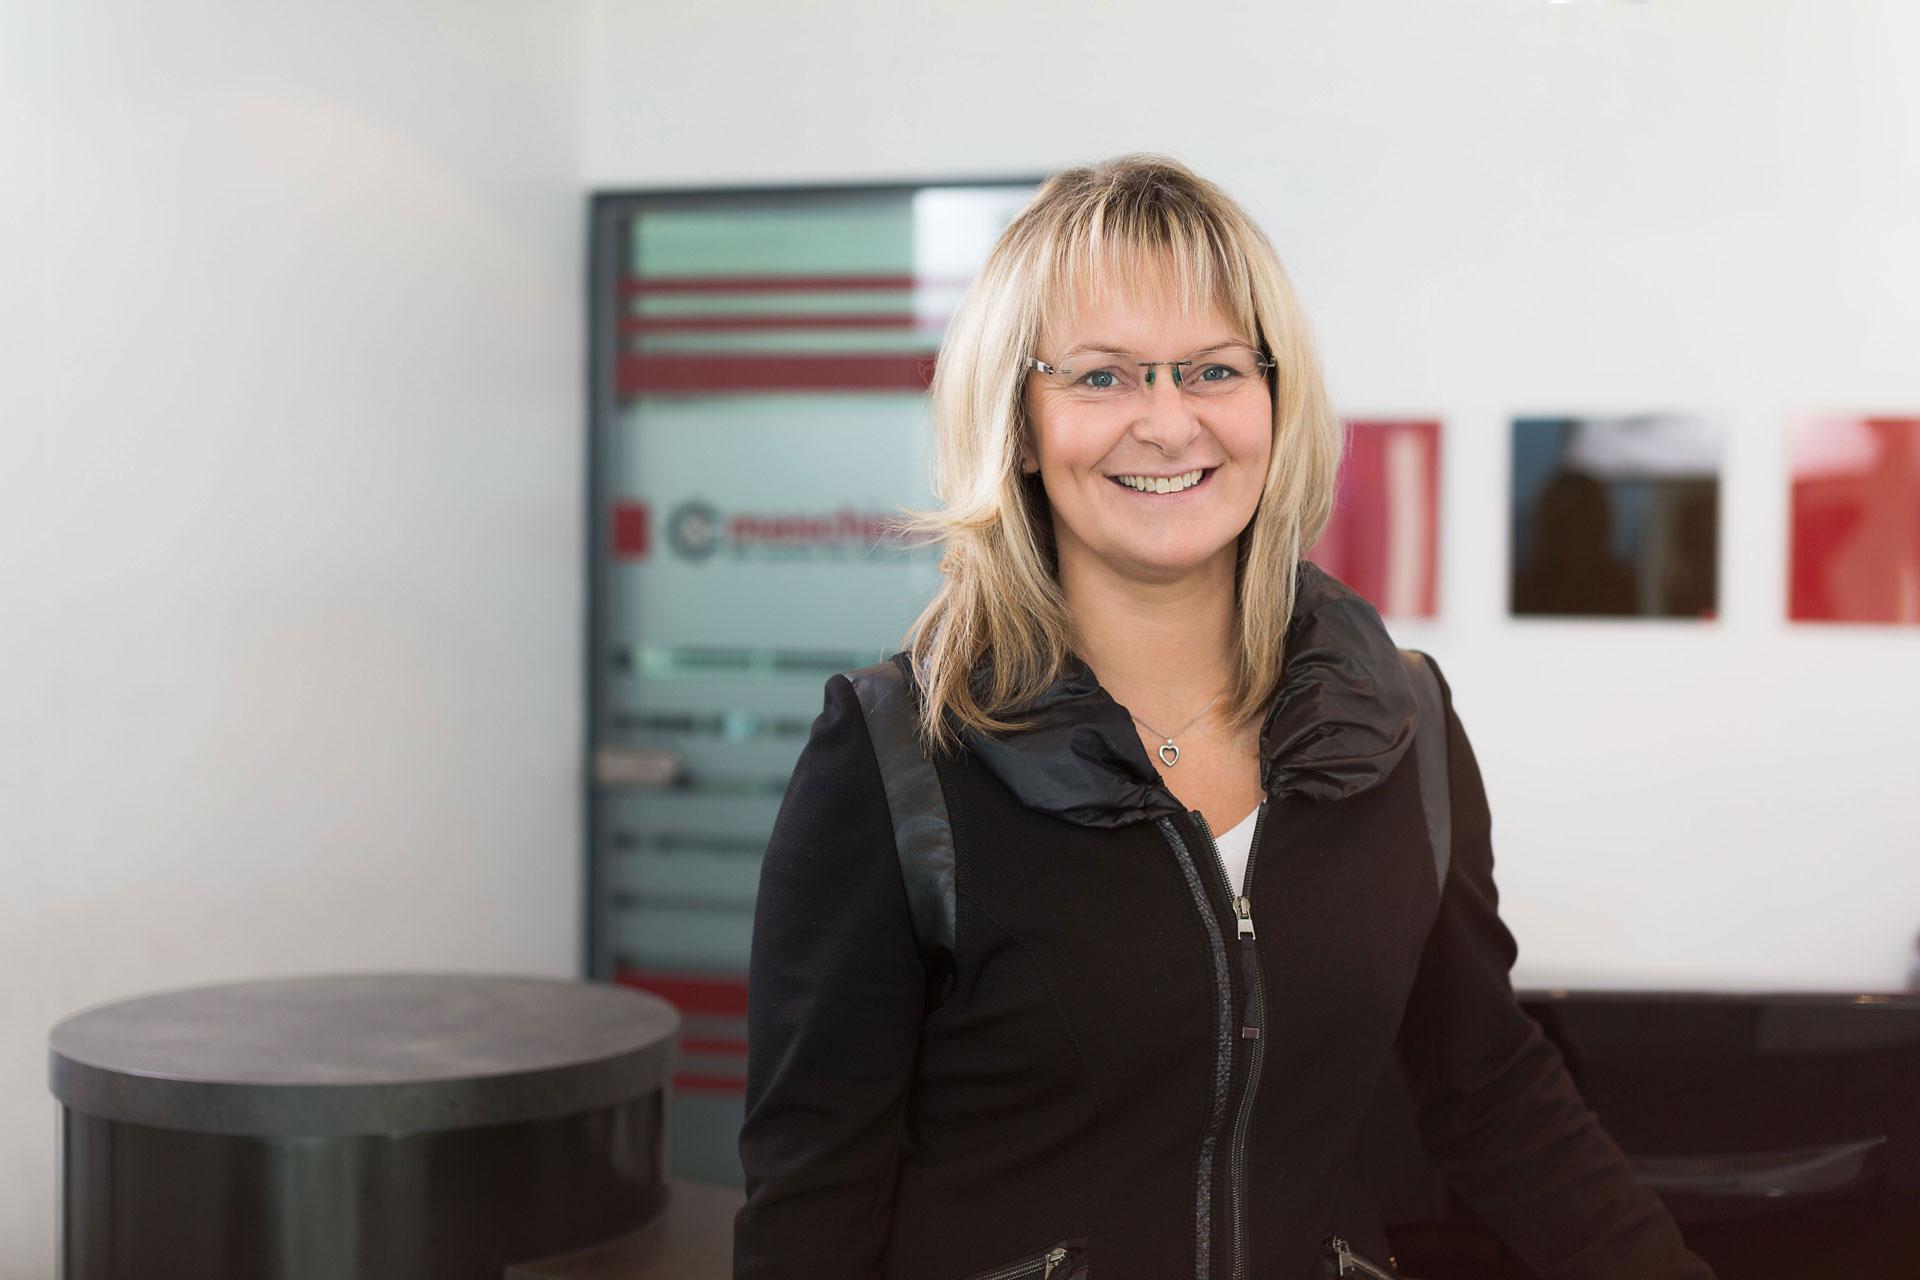 Monika Frers, Mitarbeiterin der Firma Maschinendoc